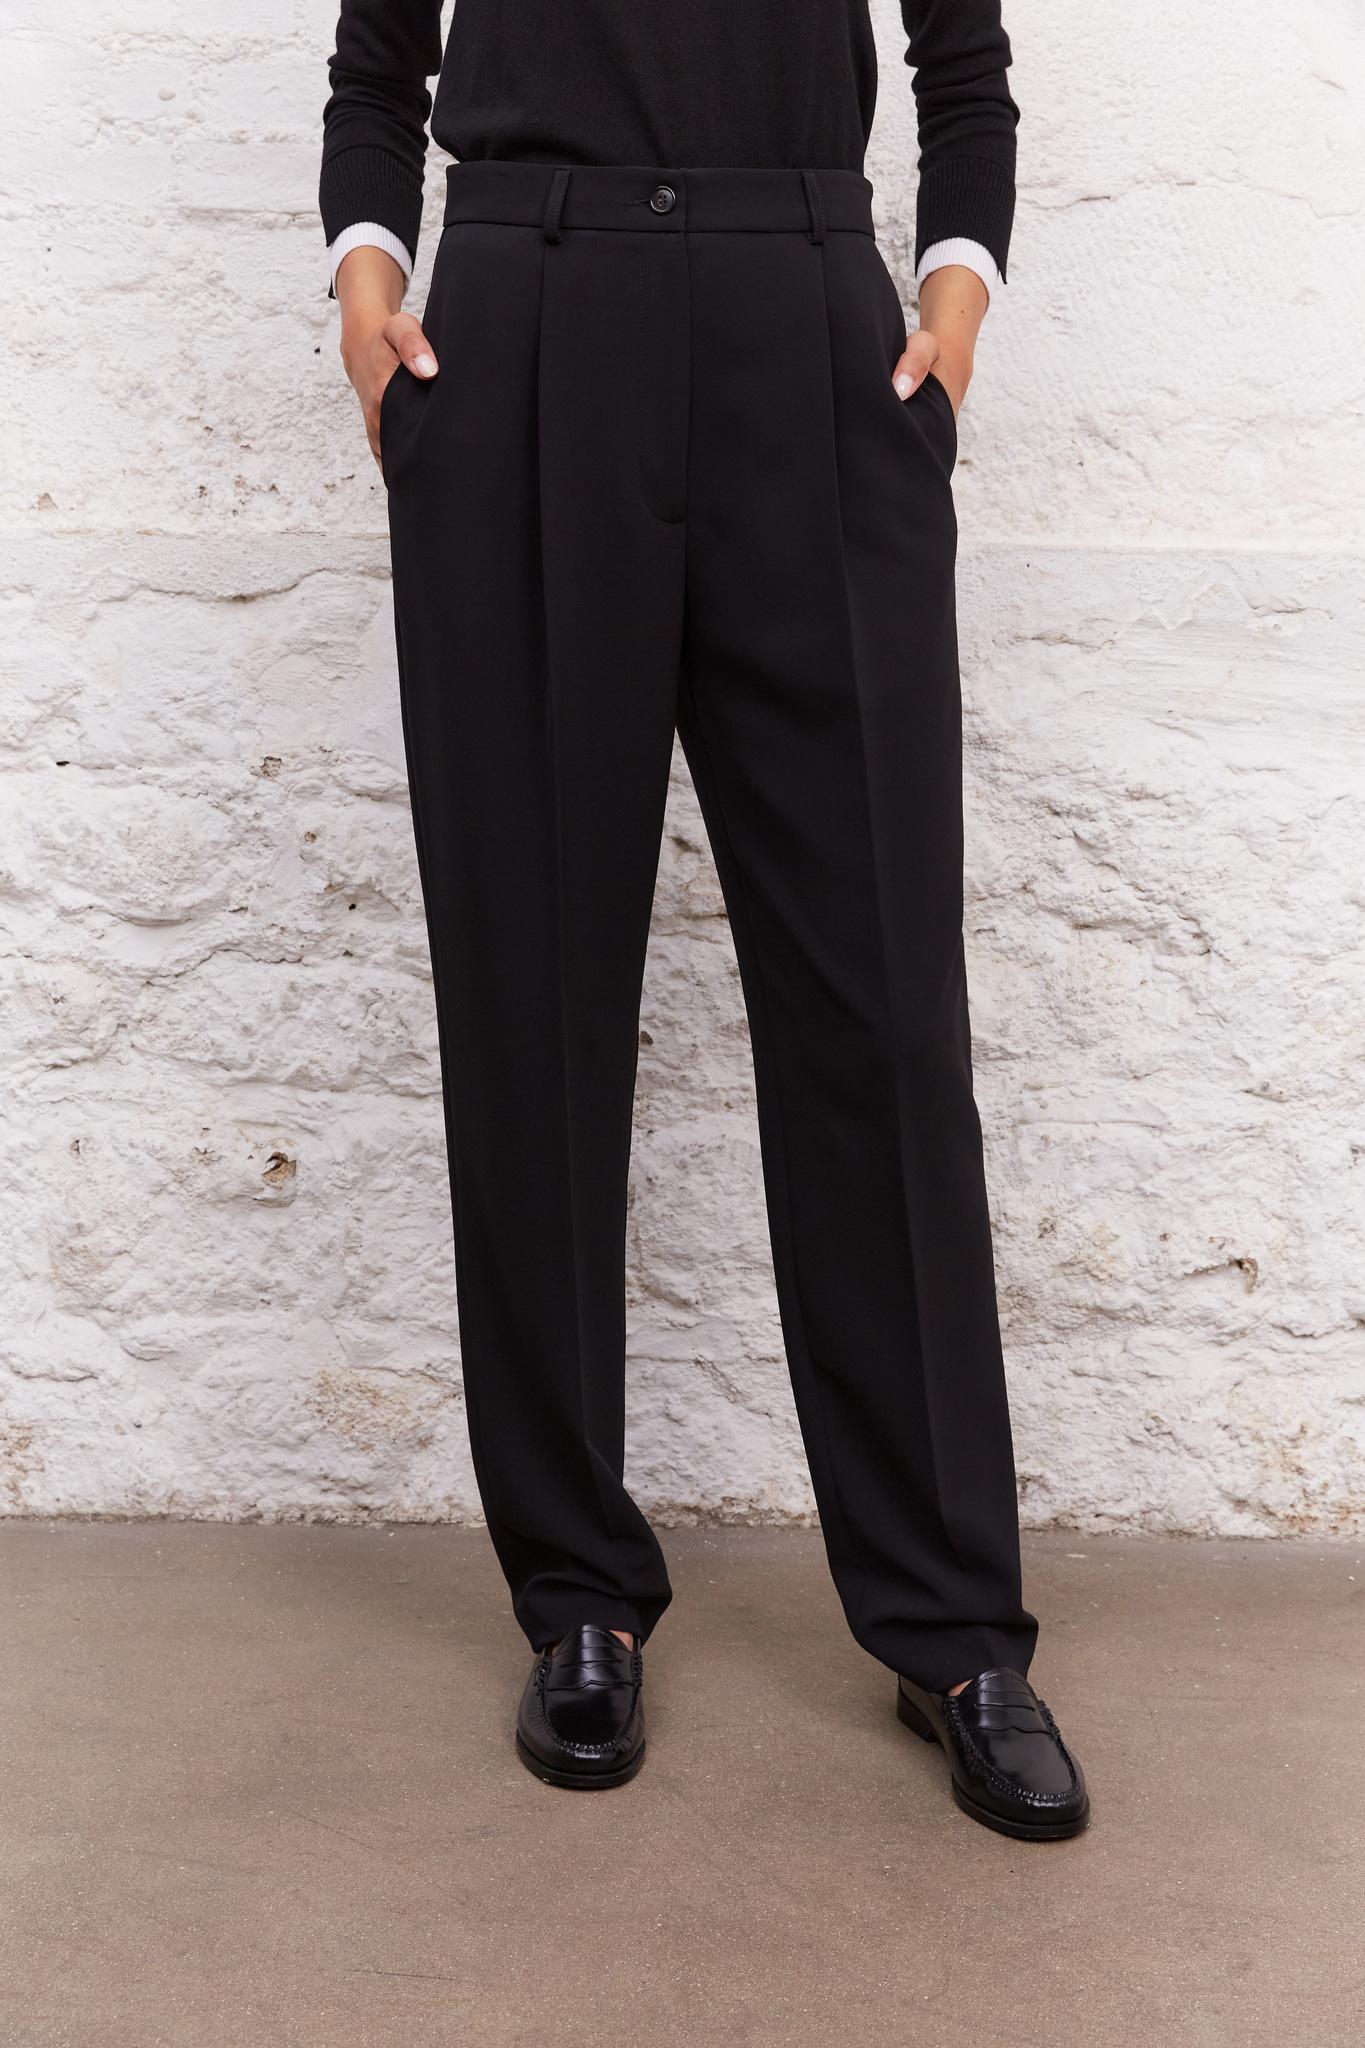 ELLA - Классические брюки со стрелками